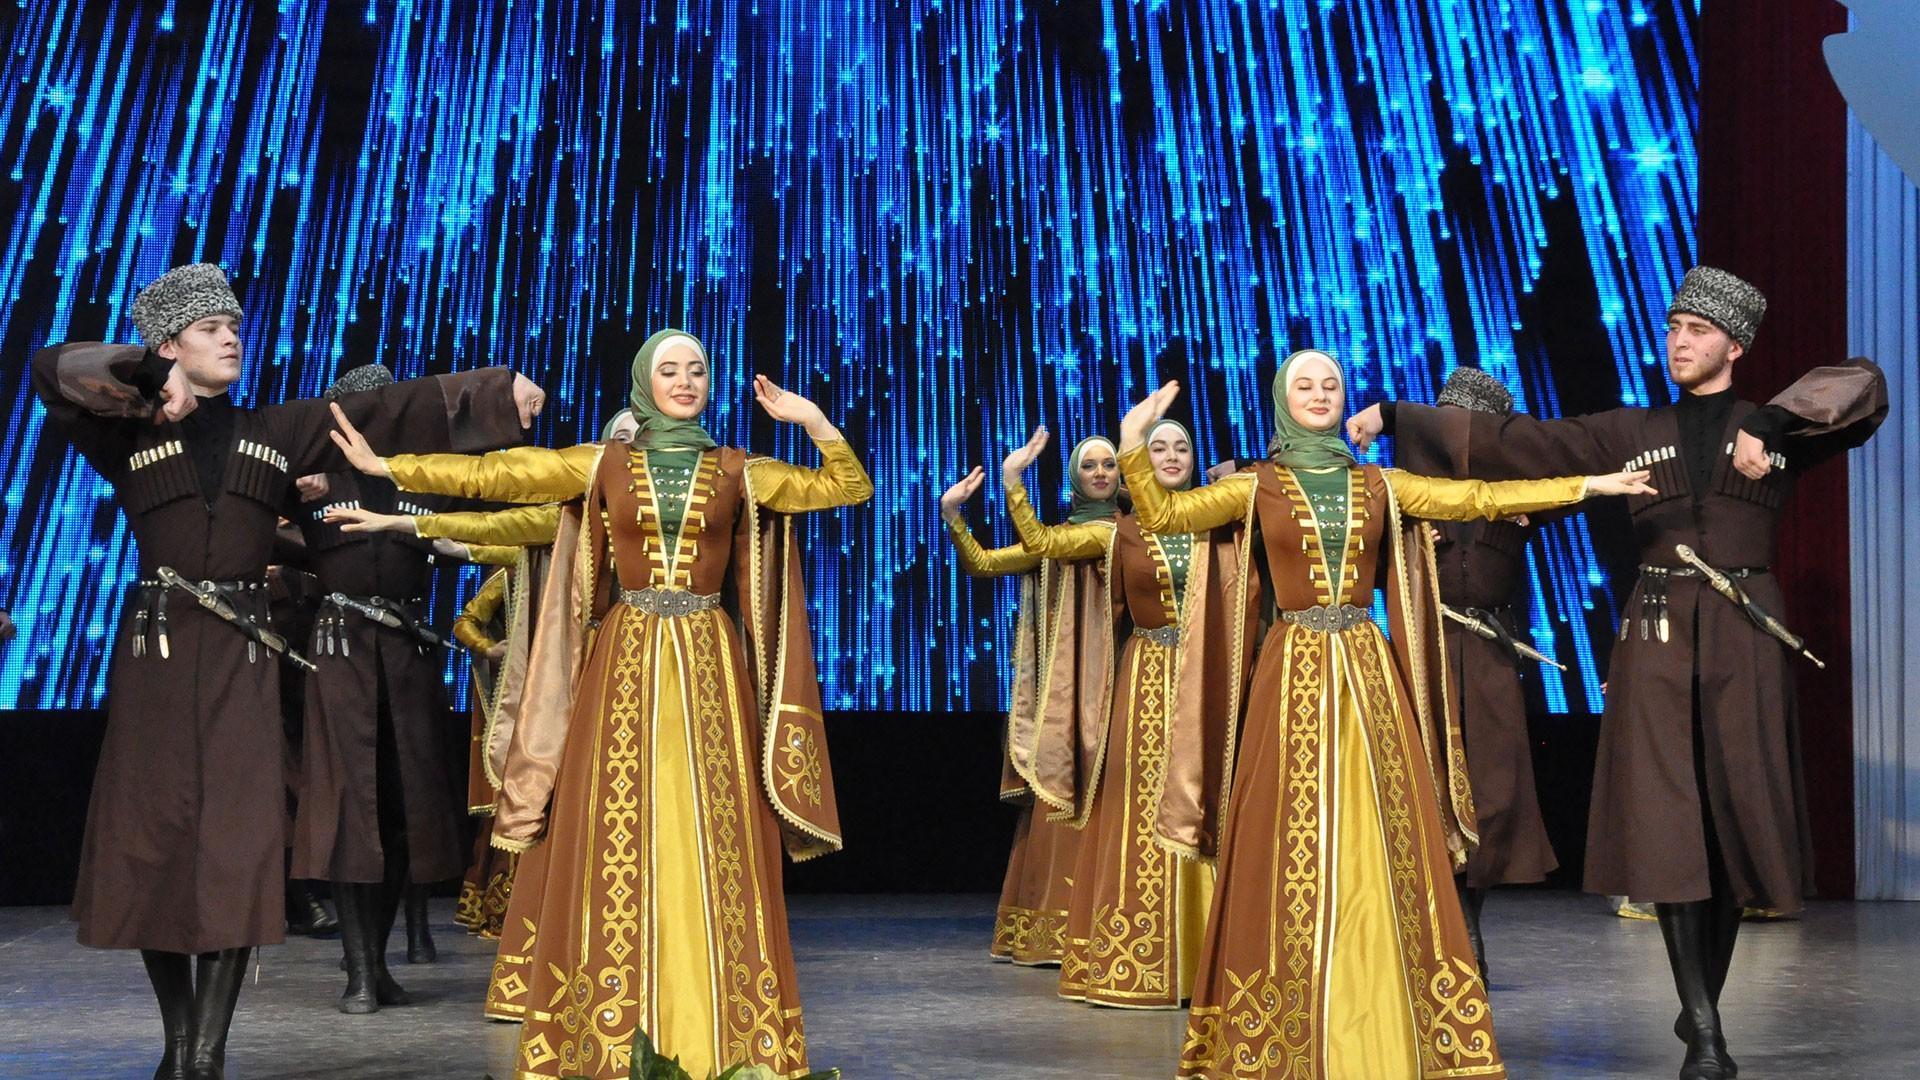 Юбилейный концерт чеченского Государственного ансамбля танца «Вайнах».